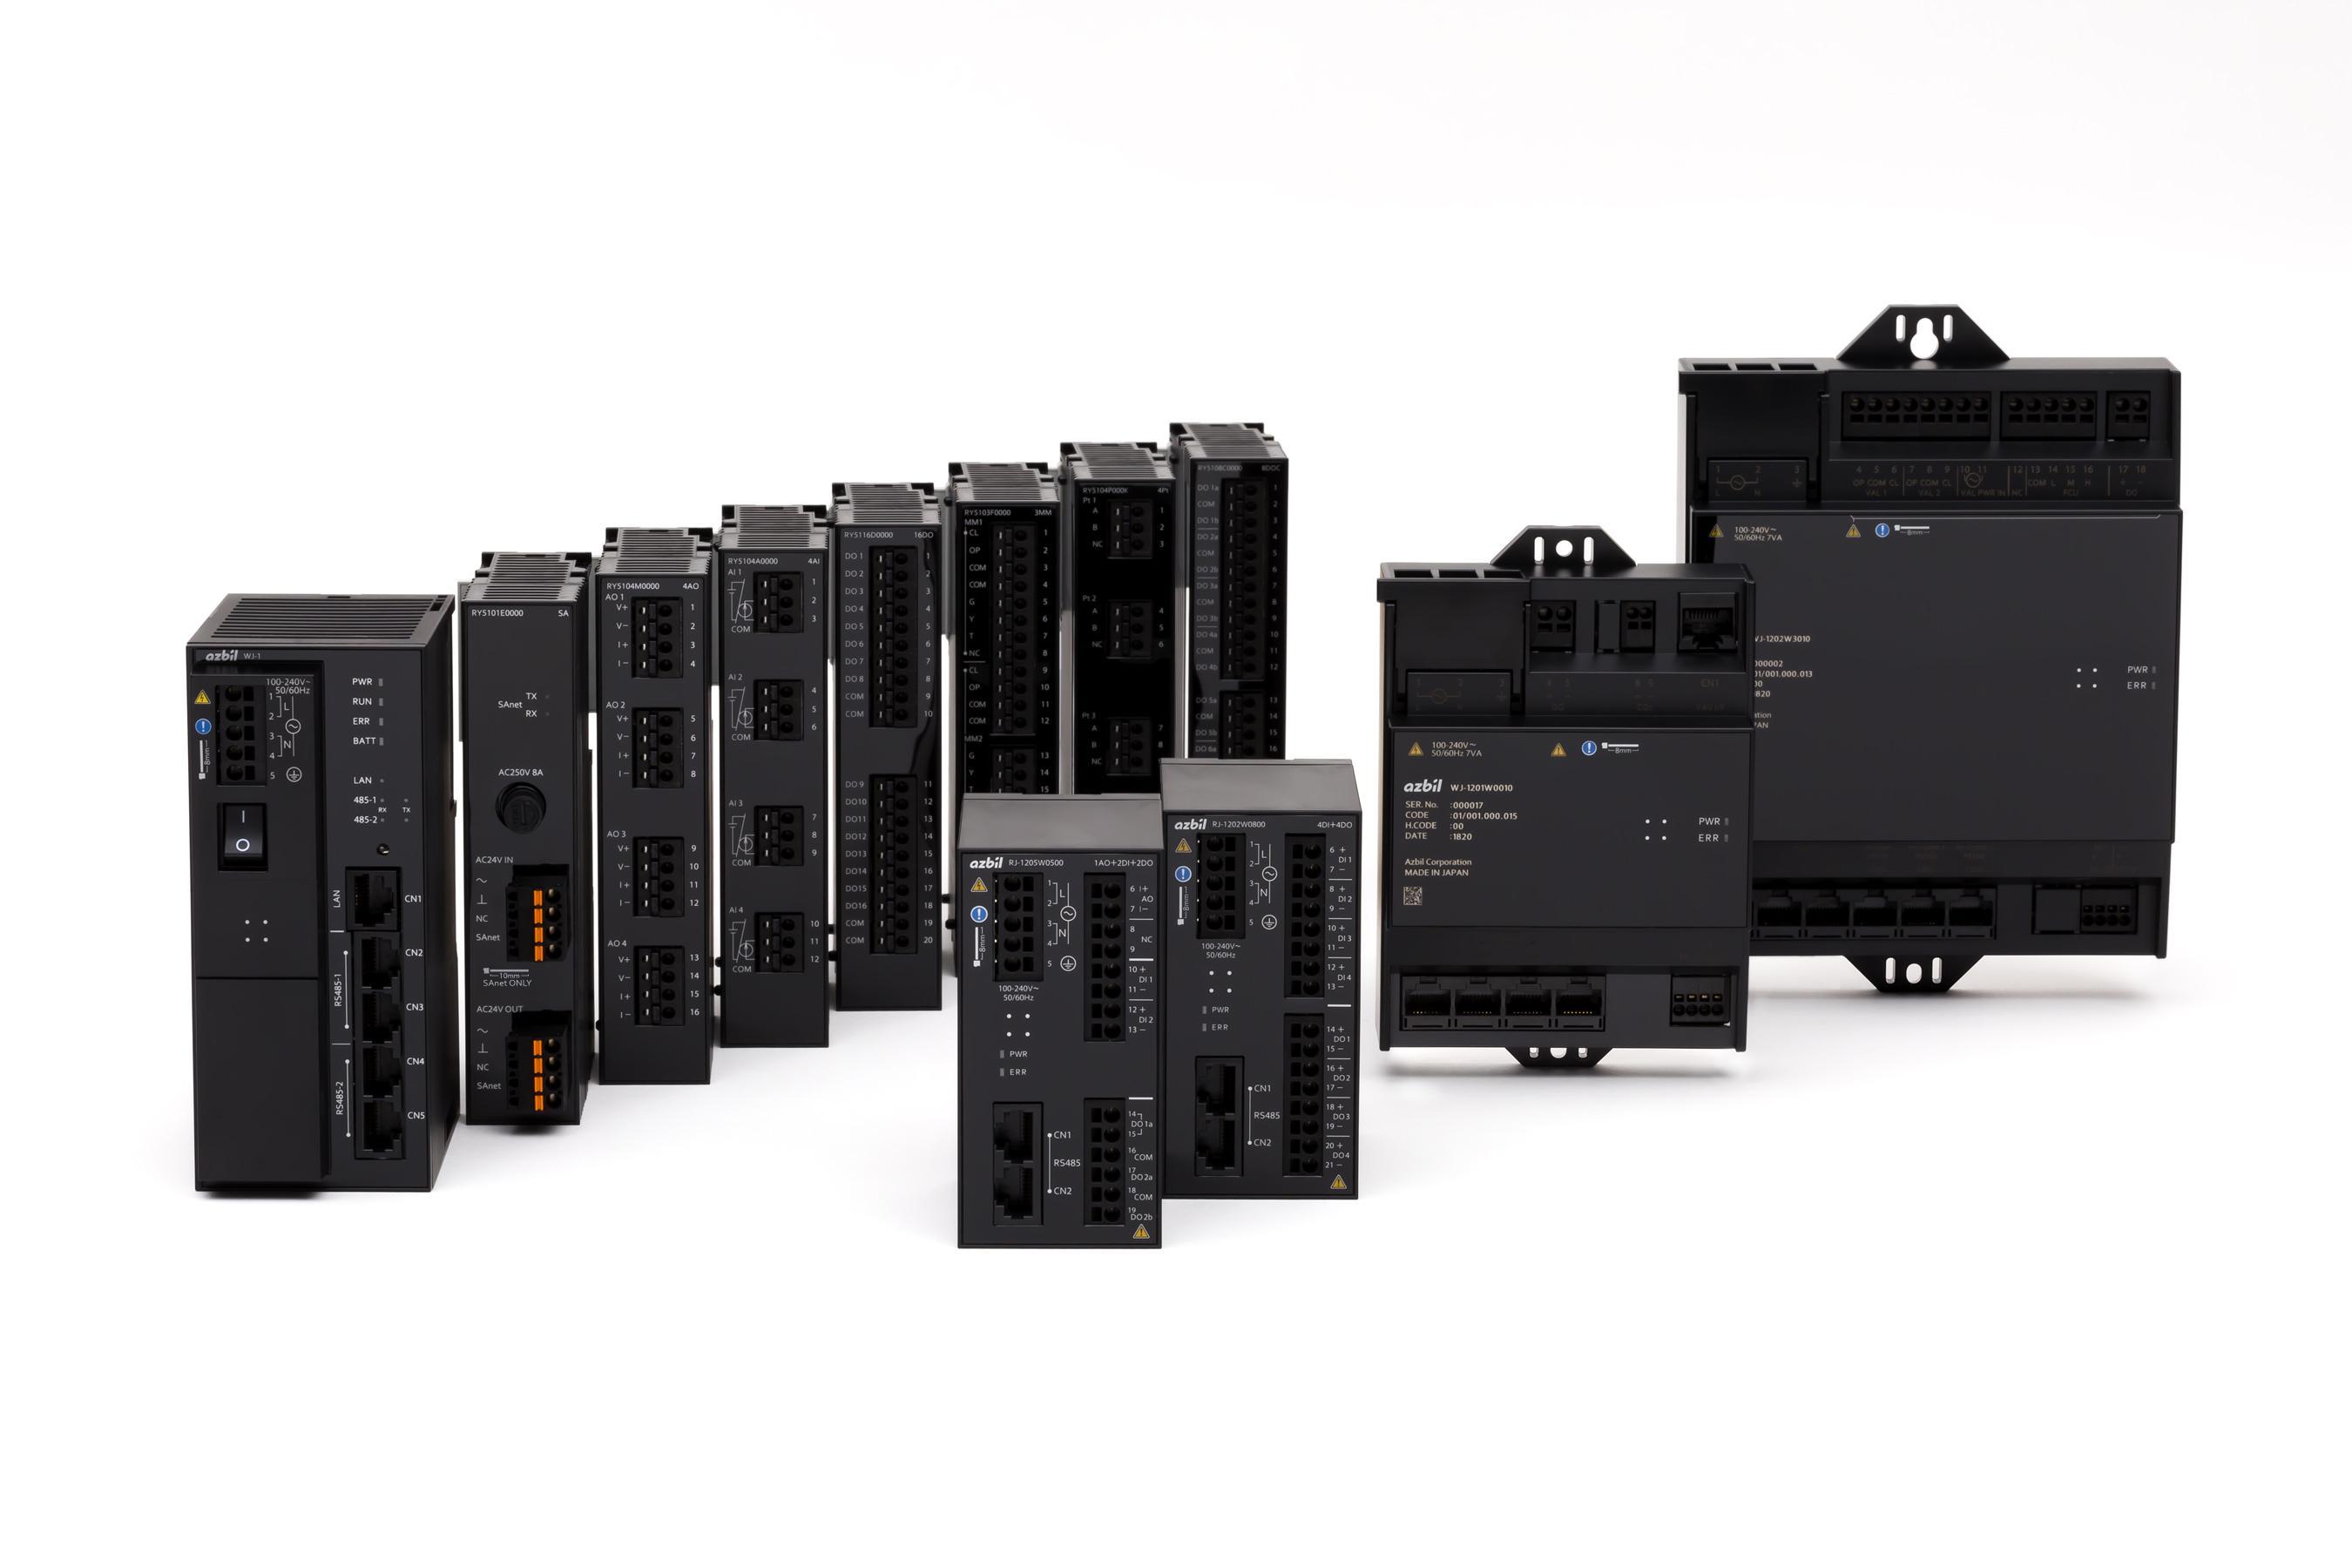 BAシステムsavic-netG5用<br /> コントローラ・ 入出力モジュール製品